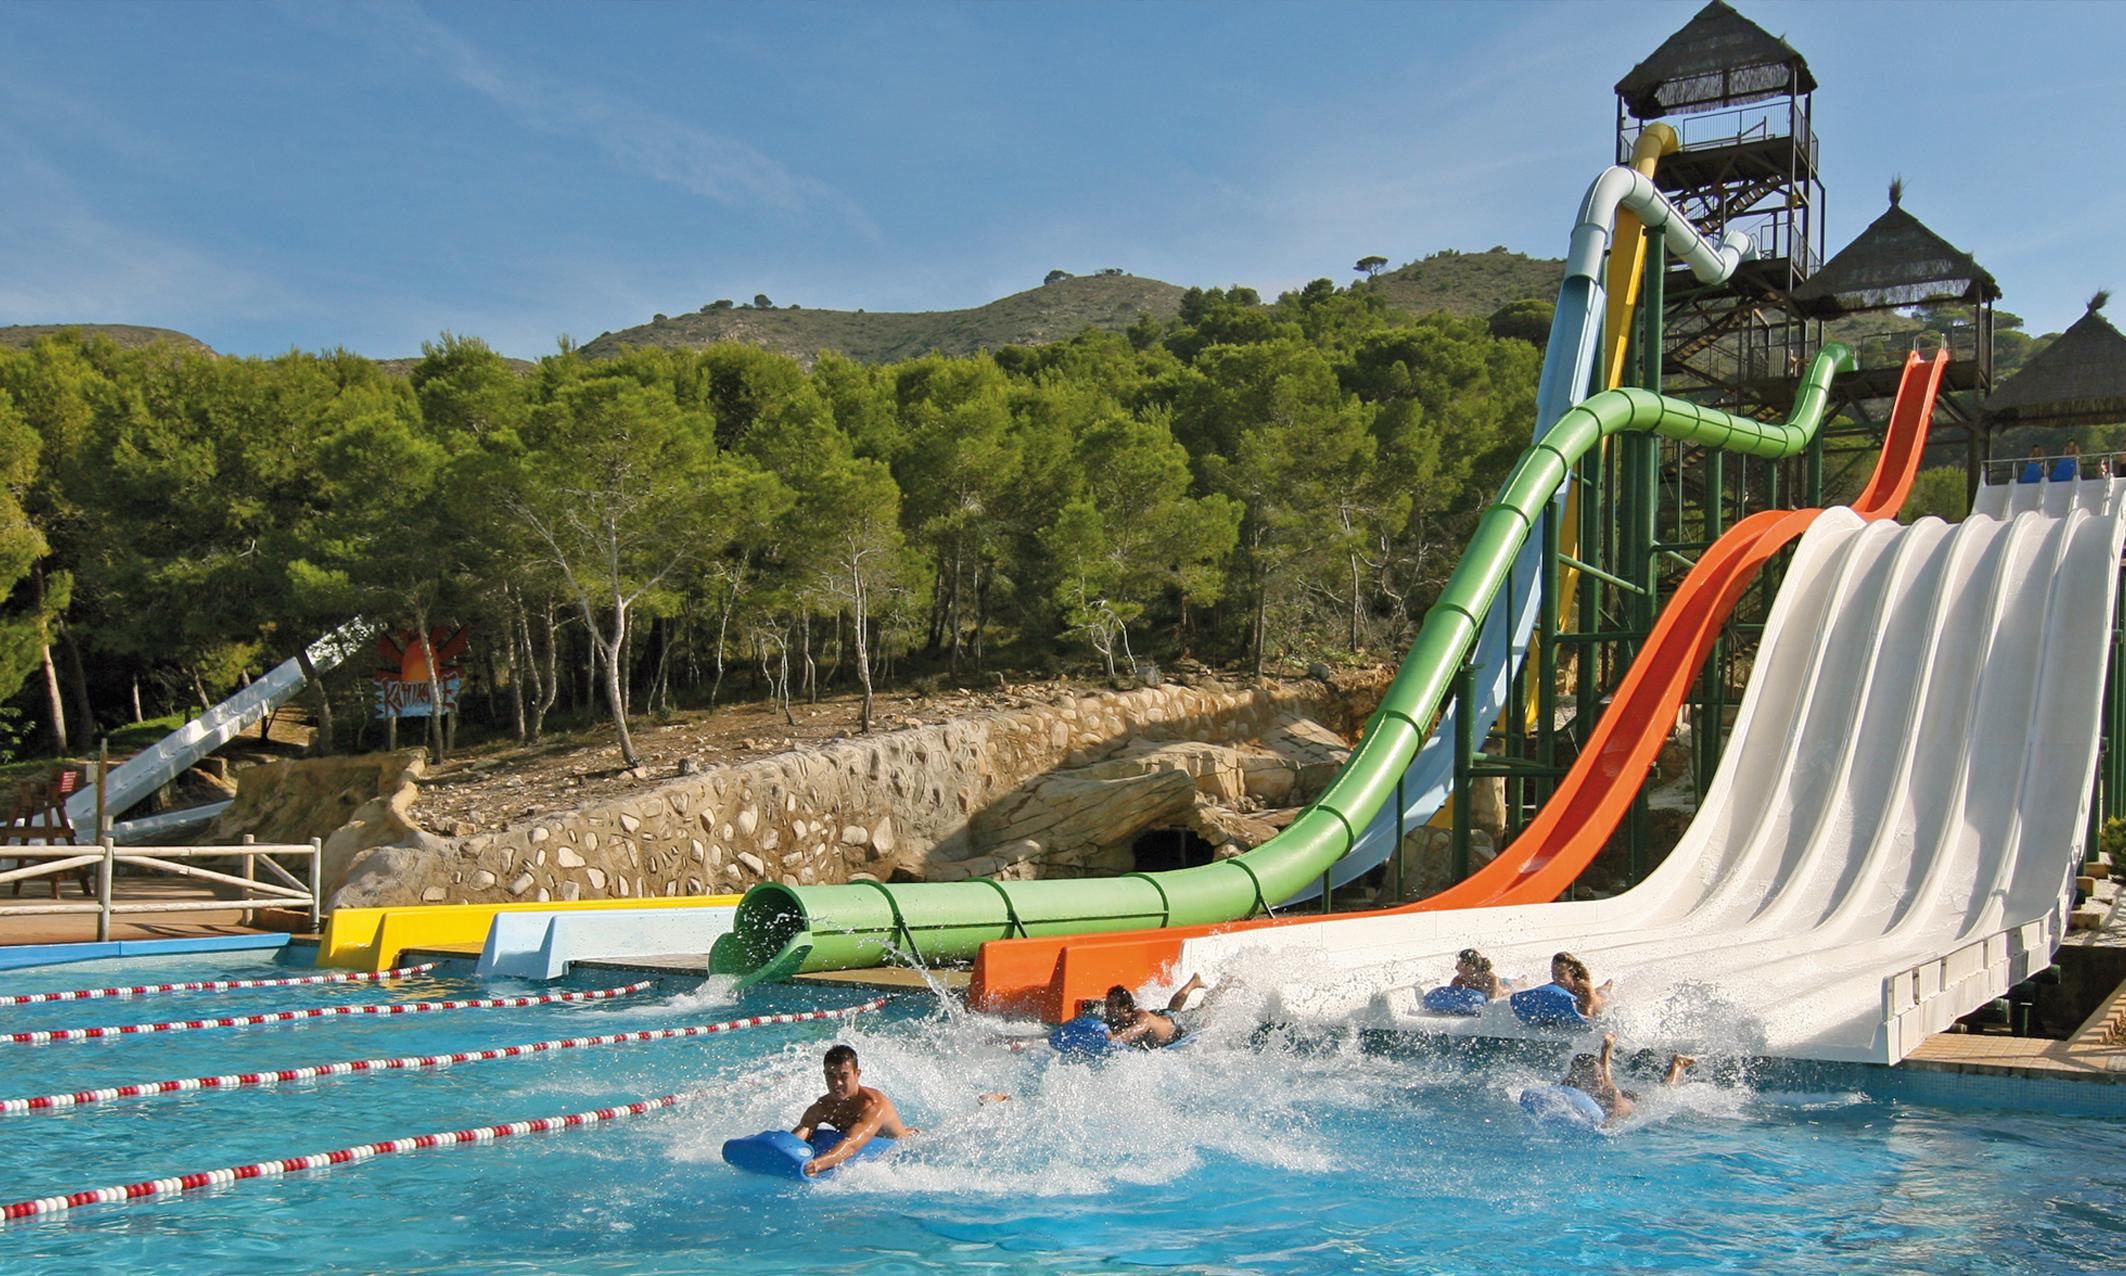 Slides at Aqualandia Benidorm